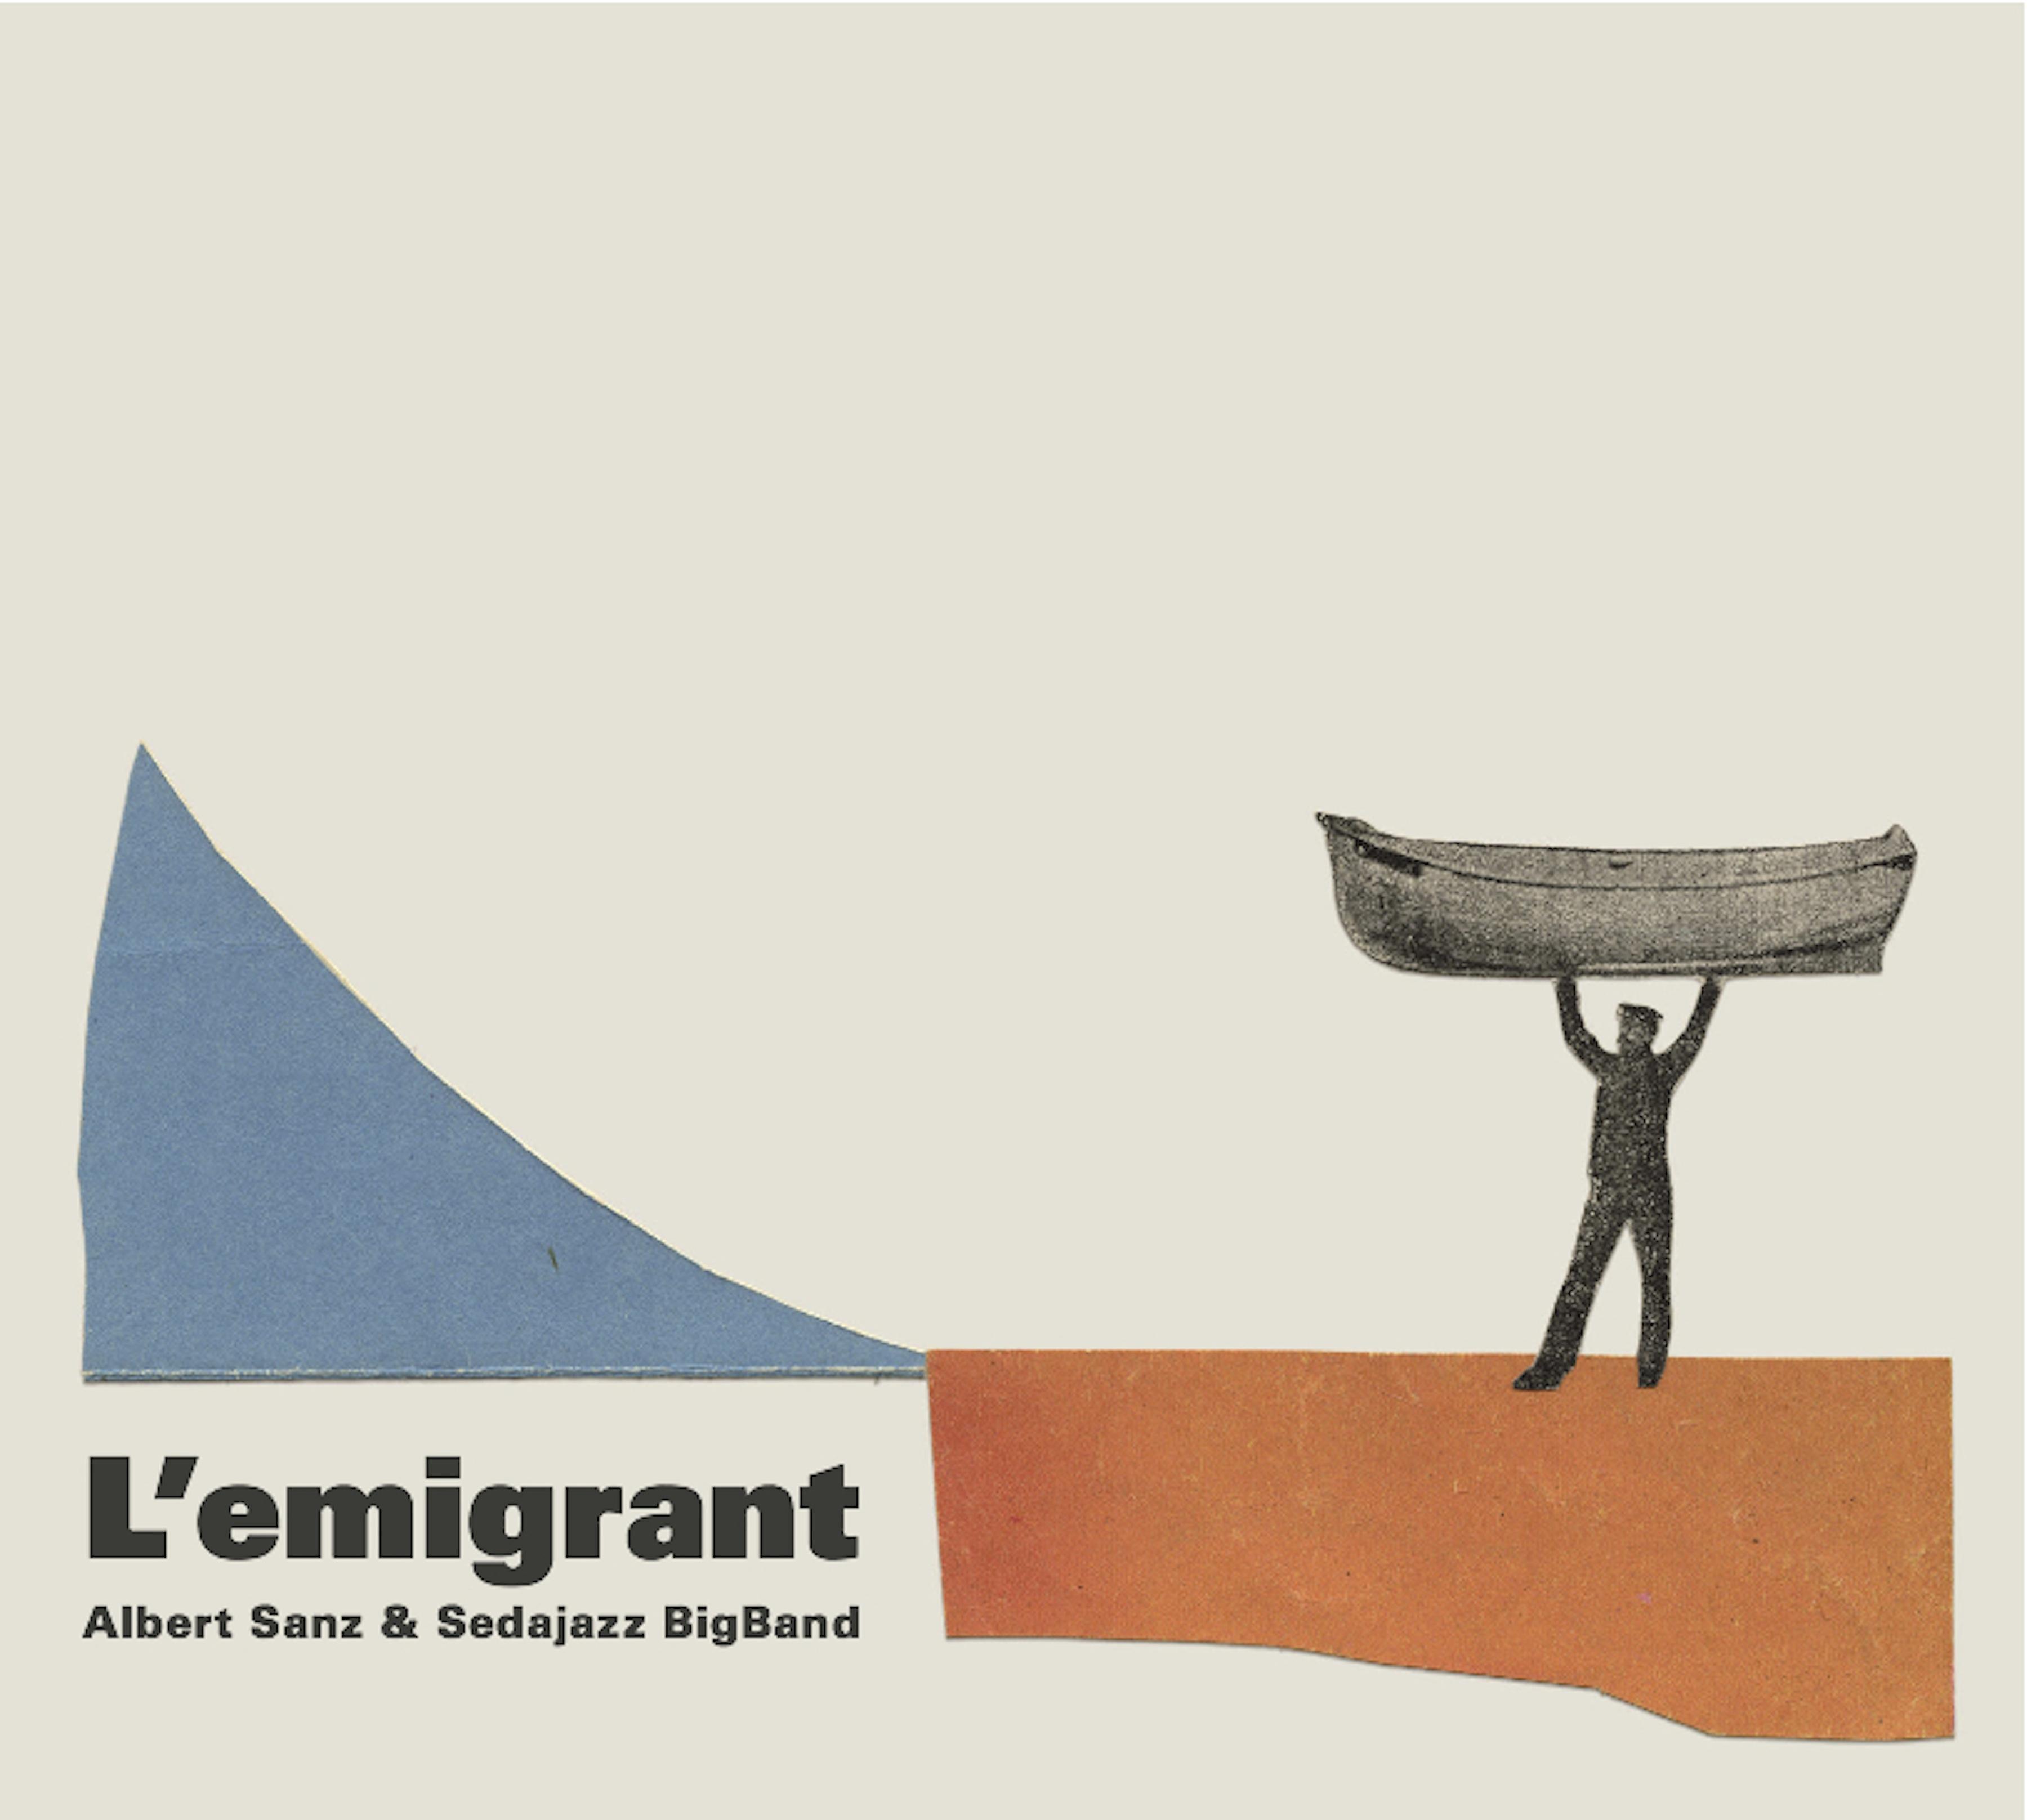 L'Emigrant